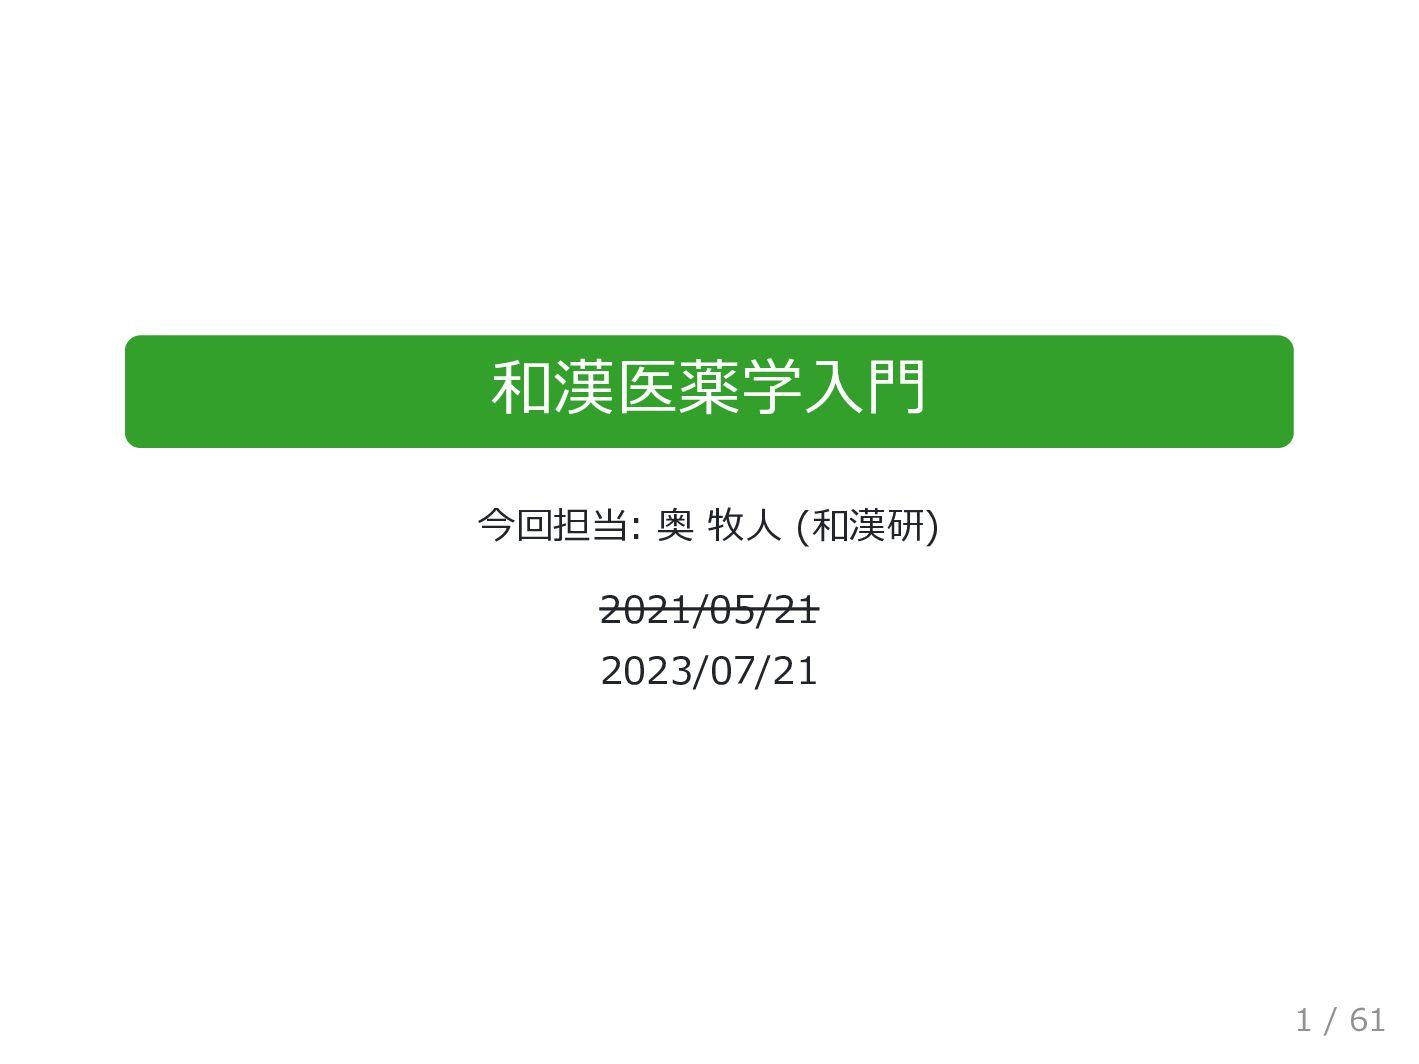 和漢医薬学⼊⾨ 今回担当: 奥 牧⼈ (和漢研) 2021/05/21 1 / 61